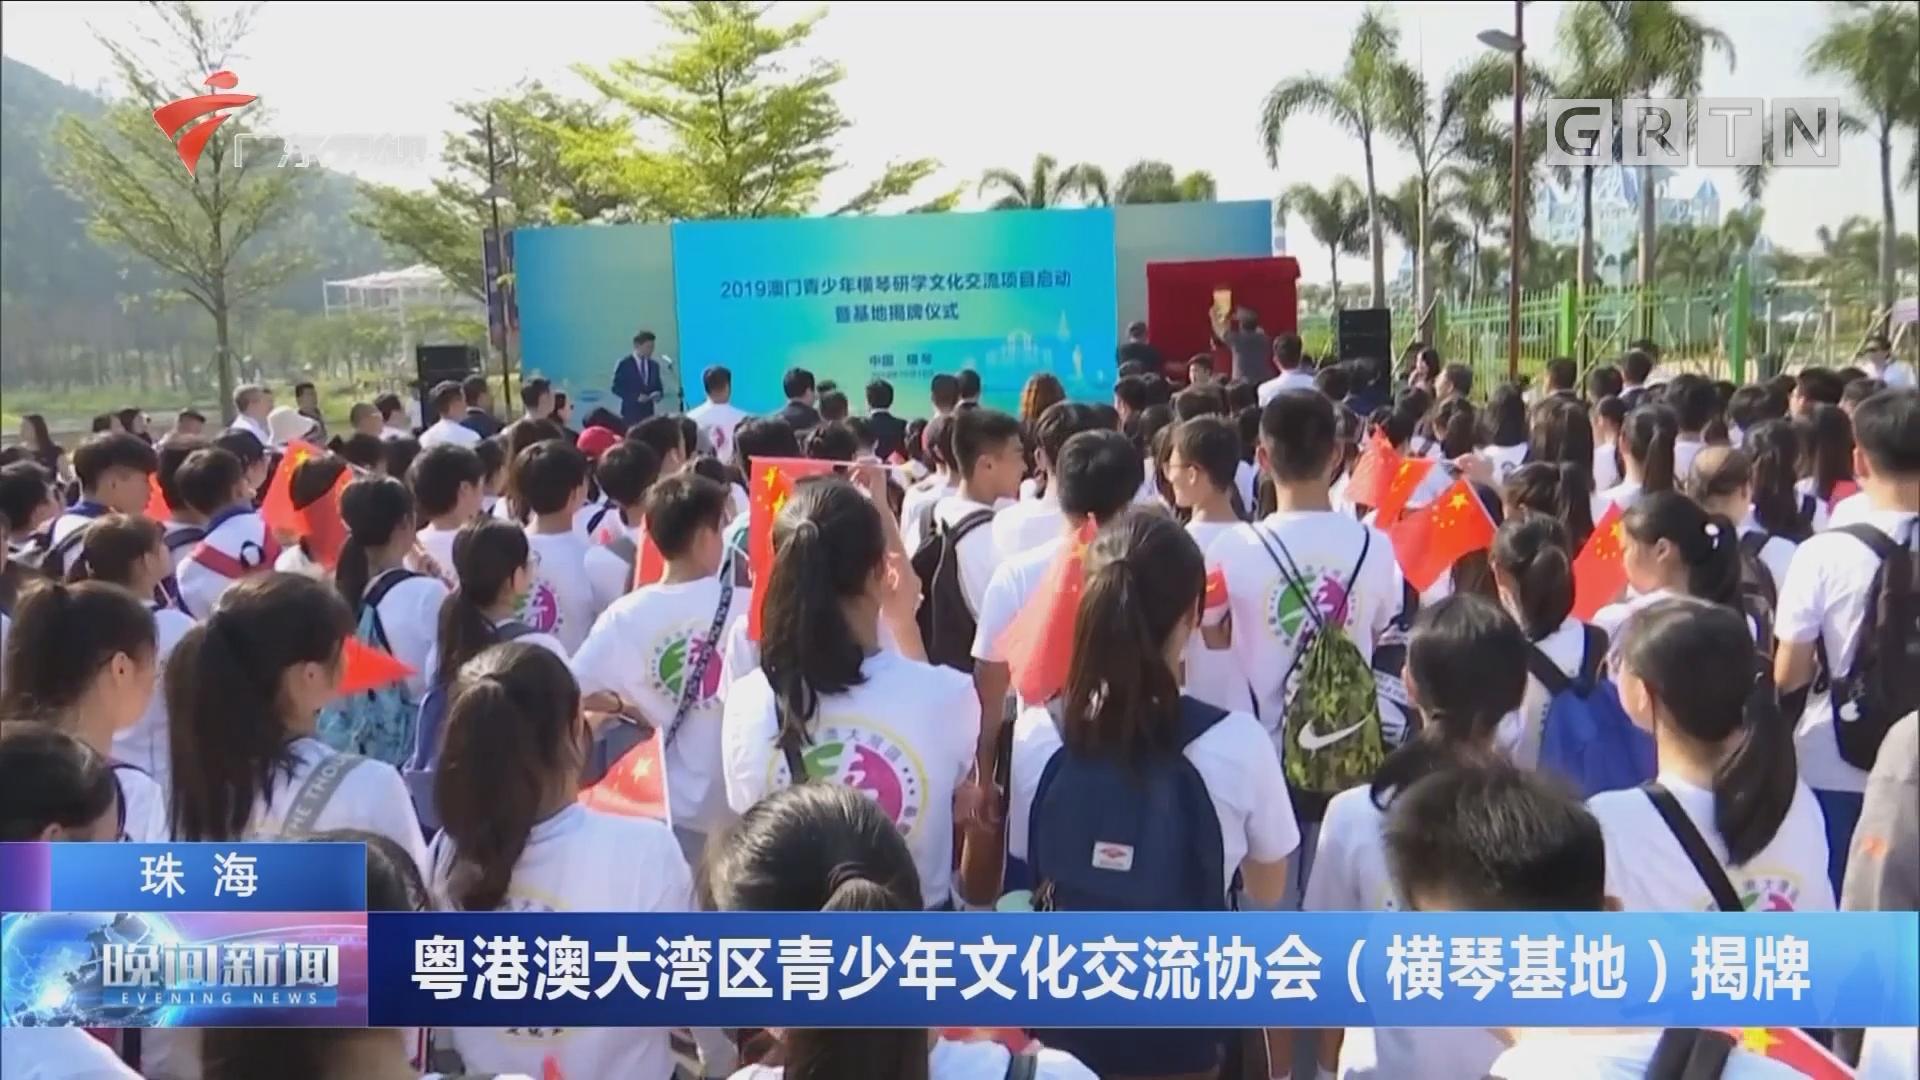 珠海:粤港澳大湾区青少年文化交流协会(横琴基地)揭牌